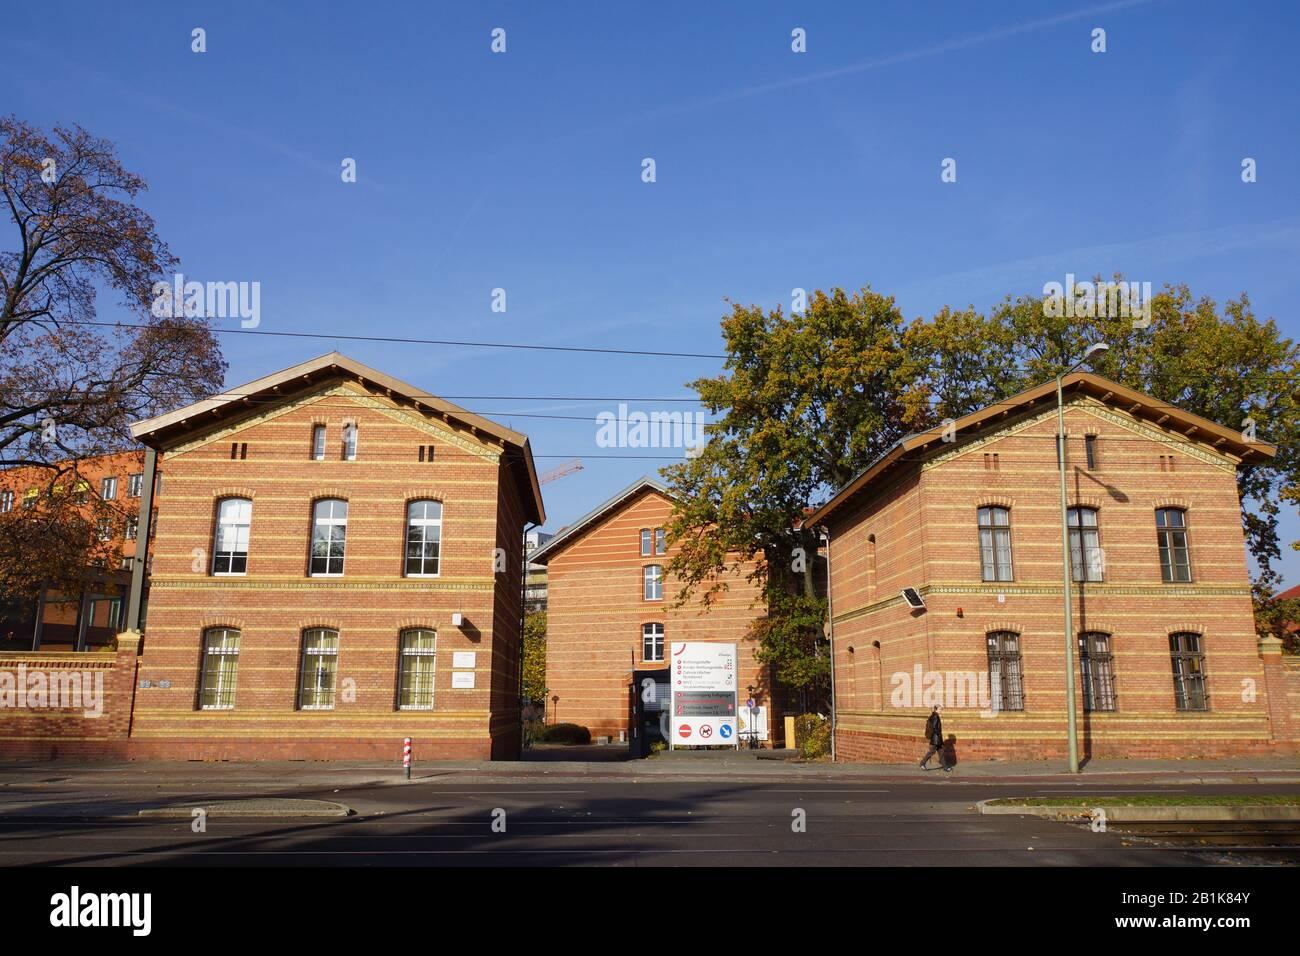 Einfahrt Zum Klinikum Friedrichshain, Berlín, Alemania Foto de stock